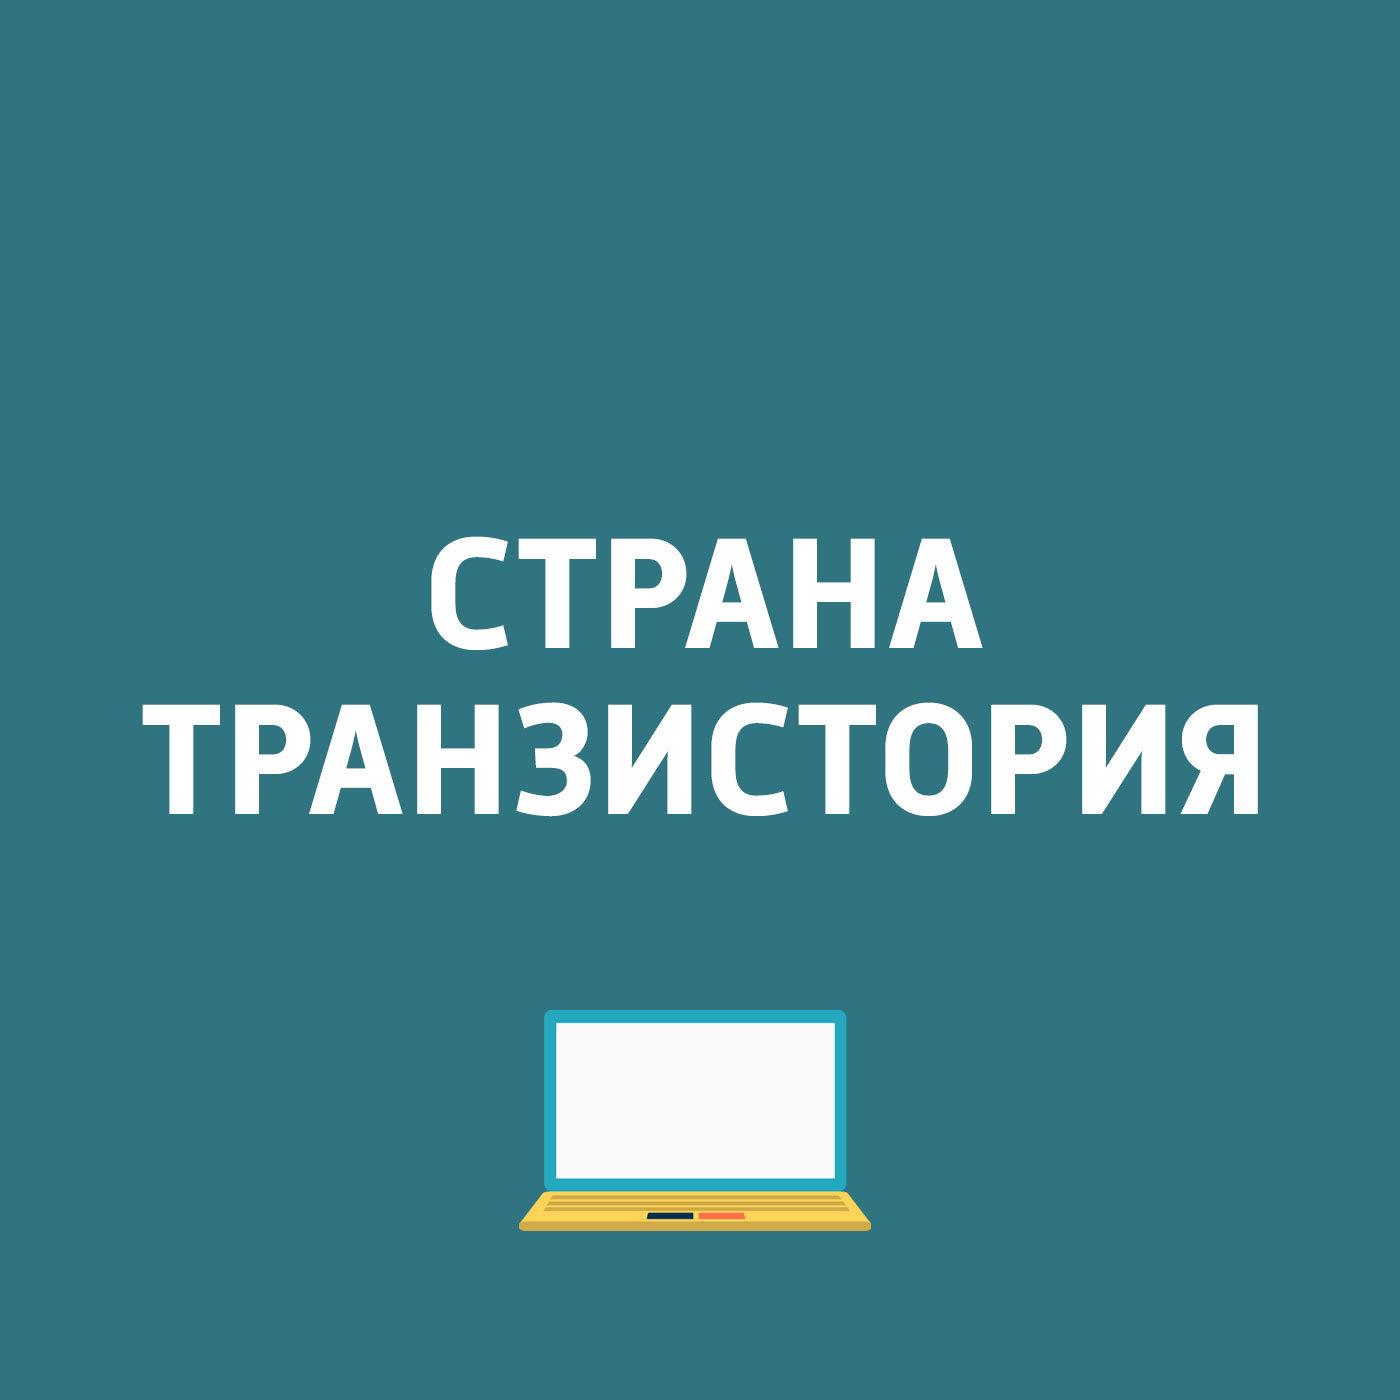 Картаев Павел HTC 10 evo; ZTE открыла в России интернет-магазин; Минтруд запустит портал для заключения трудовых договоров... картаев павел hmd получила контроль над брендом nokia смартфоны дебютируют в 2017 году